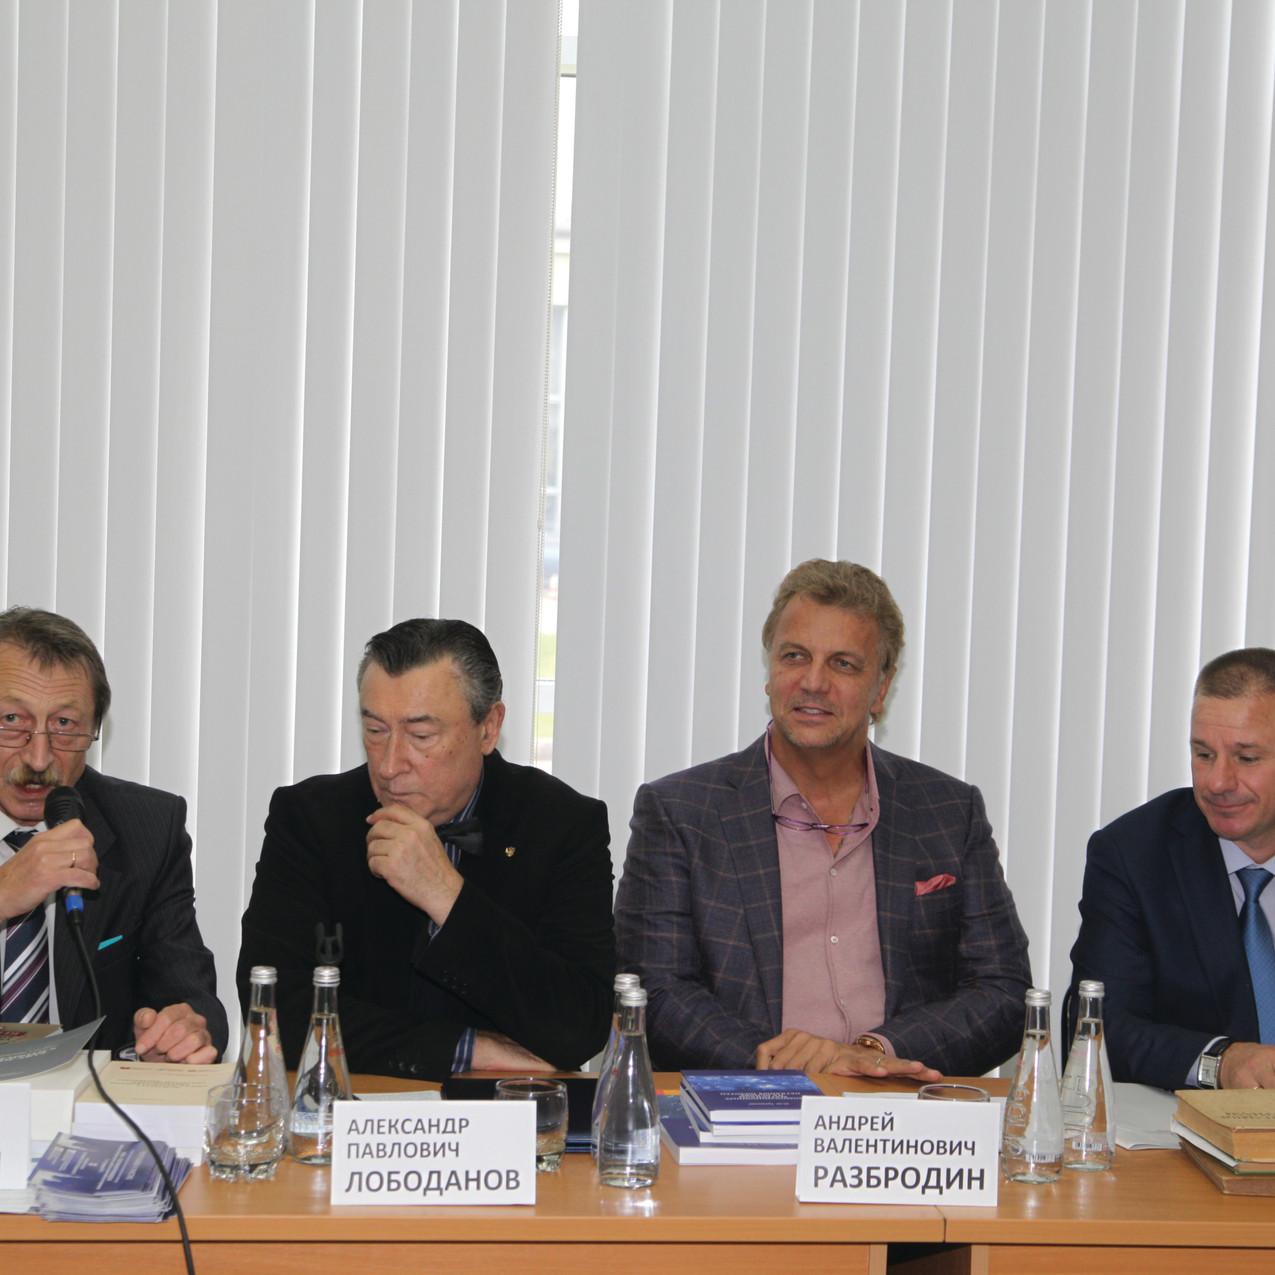 Президиум Первой научно-практической конференции «Книга и научно-технический прогресс»